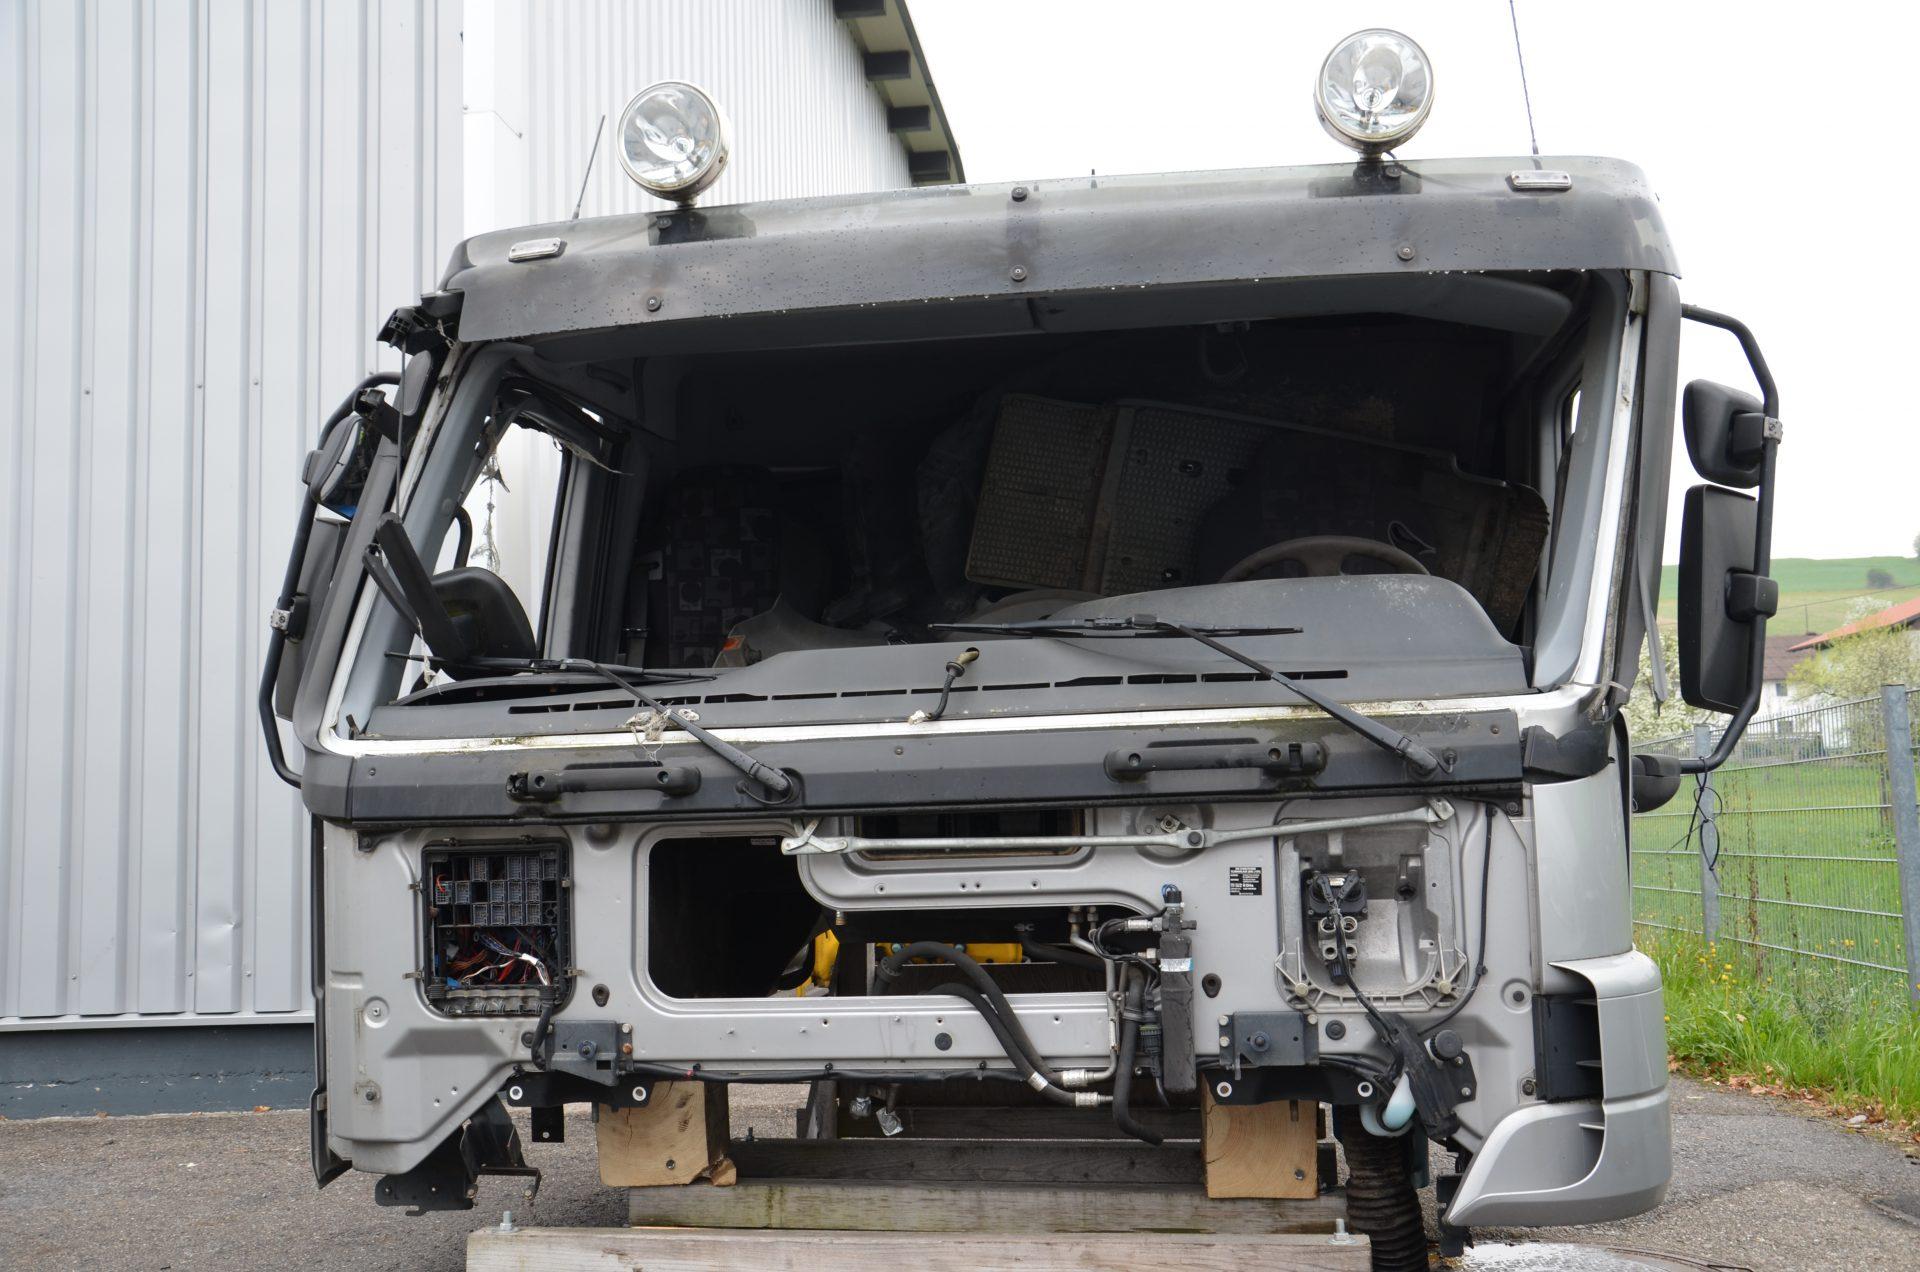 Kaputtes-Fahrerhaus-Spenglerarbeiten-Dienstleistungen